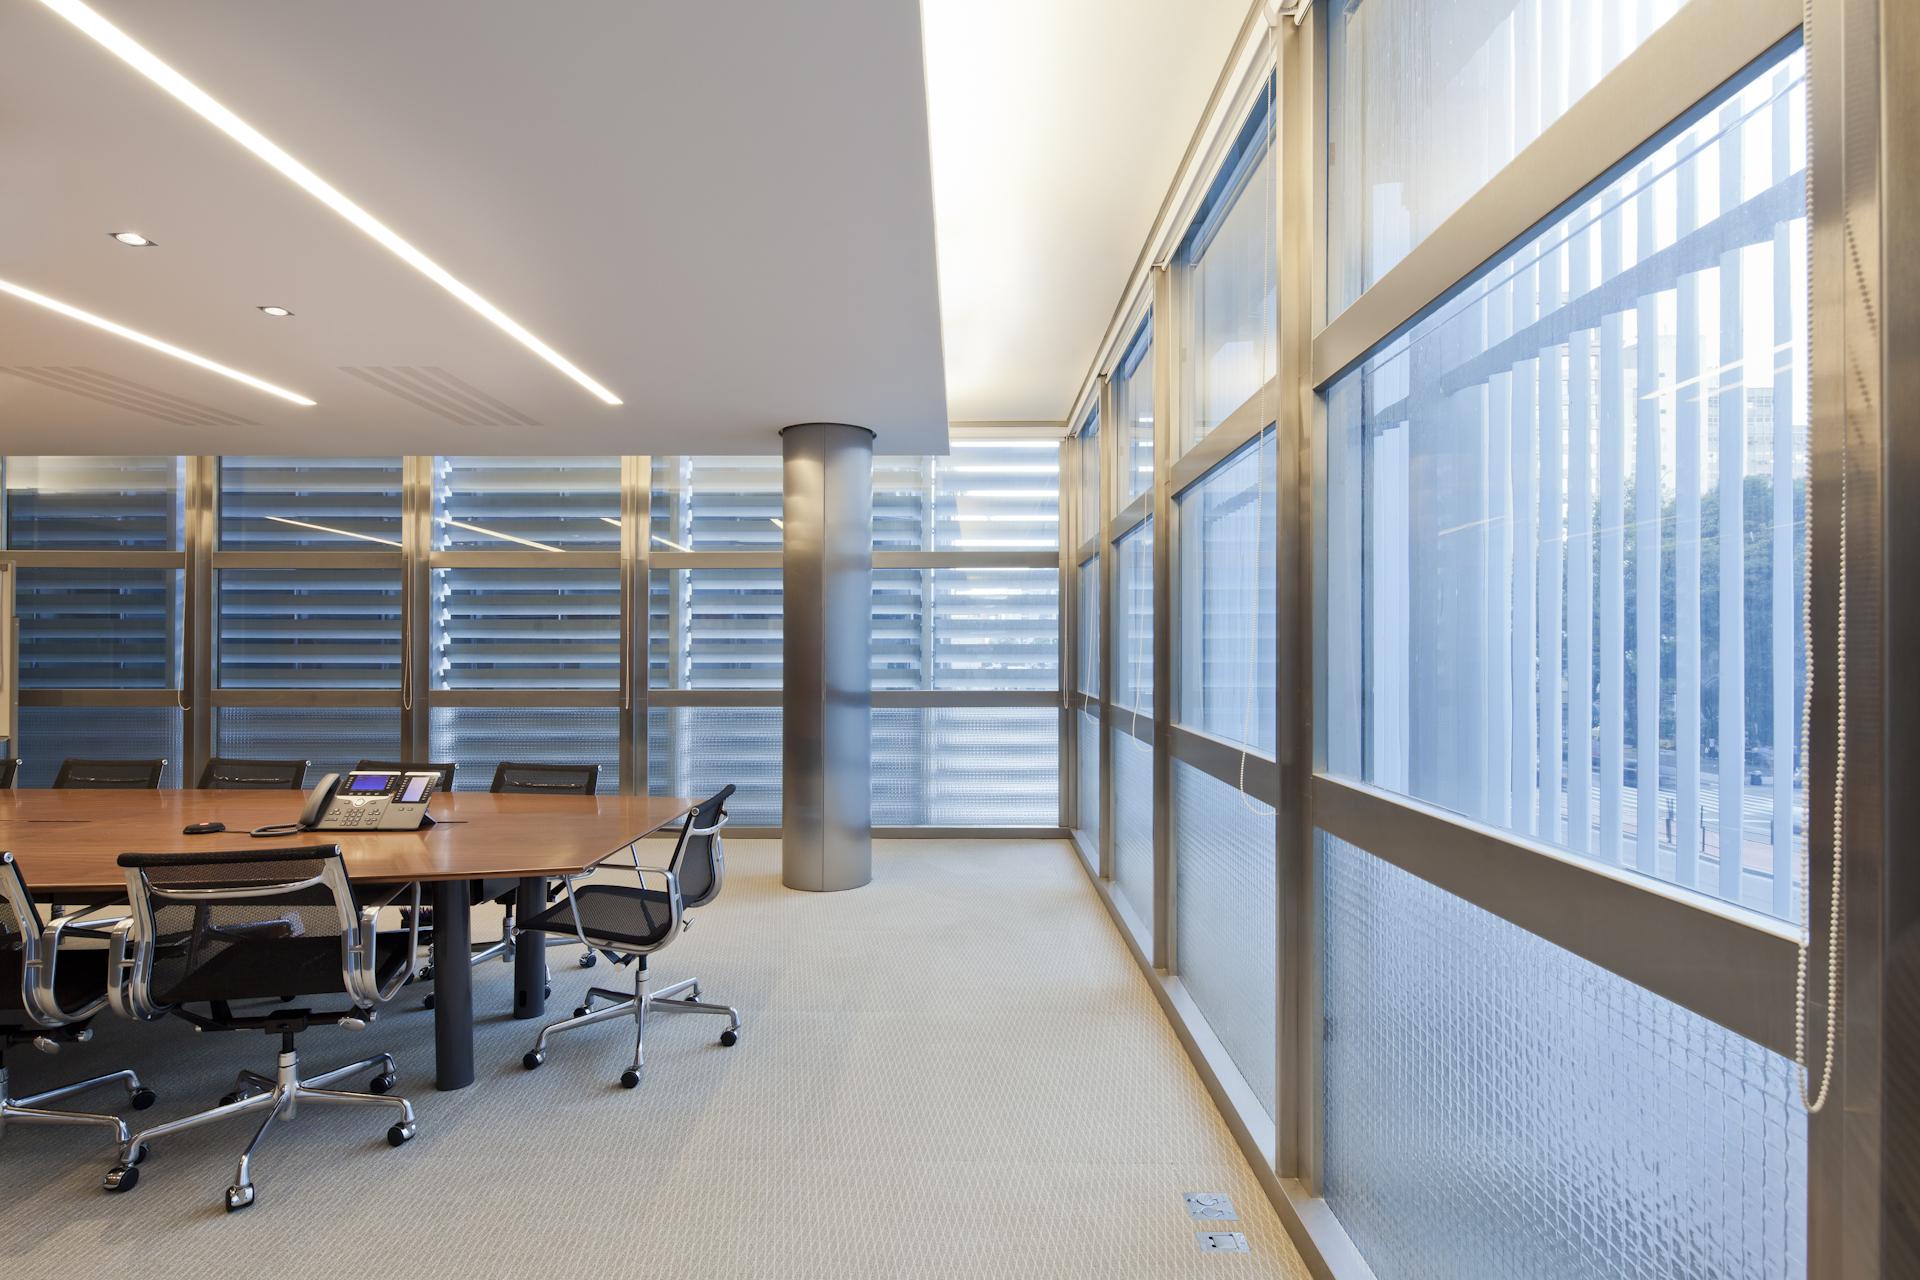 à direita veem-se as janelas e brise-soleils  a iluminação complementar é em barras de LED e perfeitamente amalgamada à luz natural